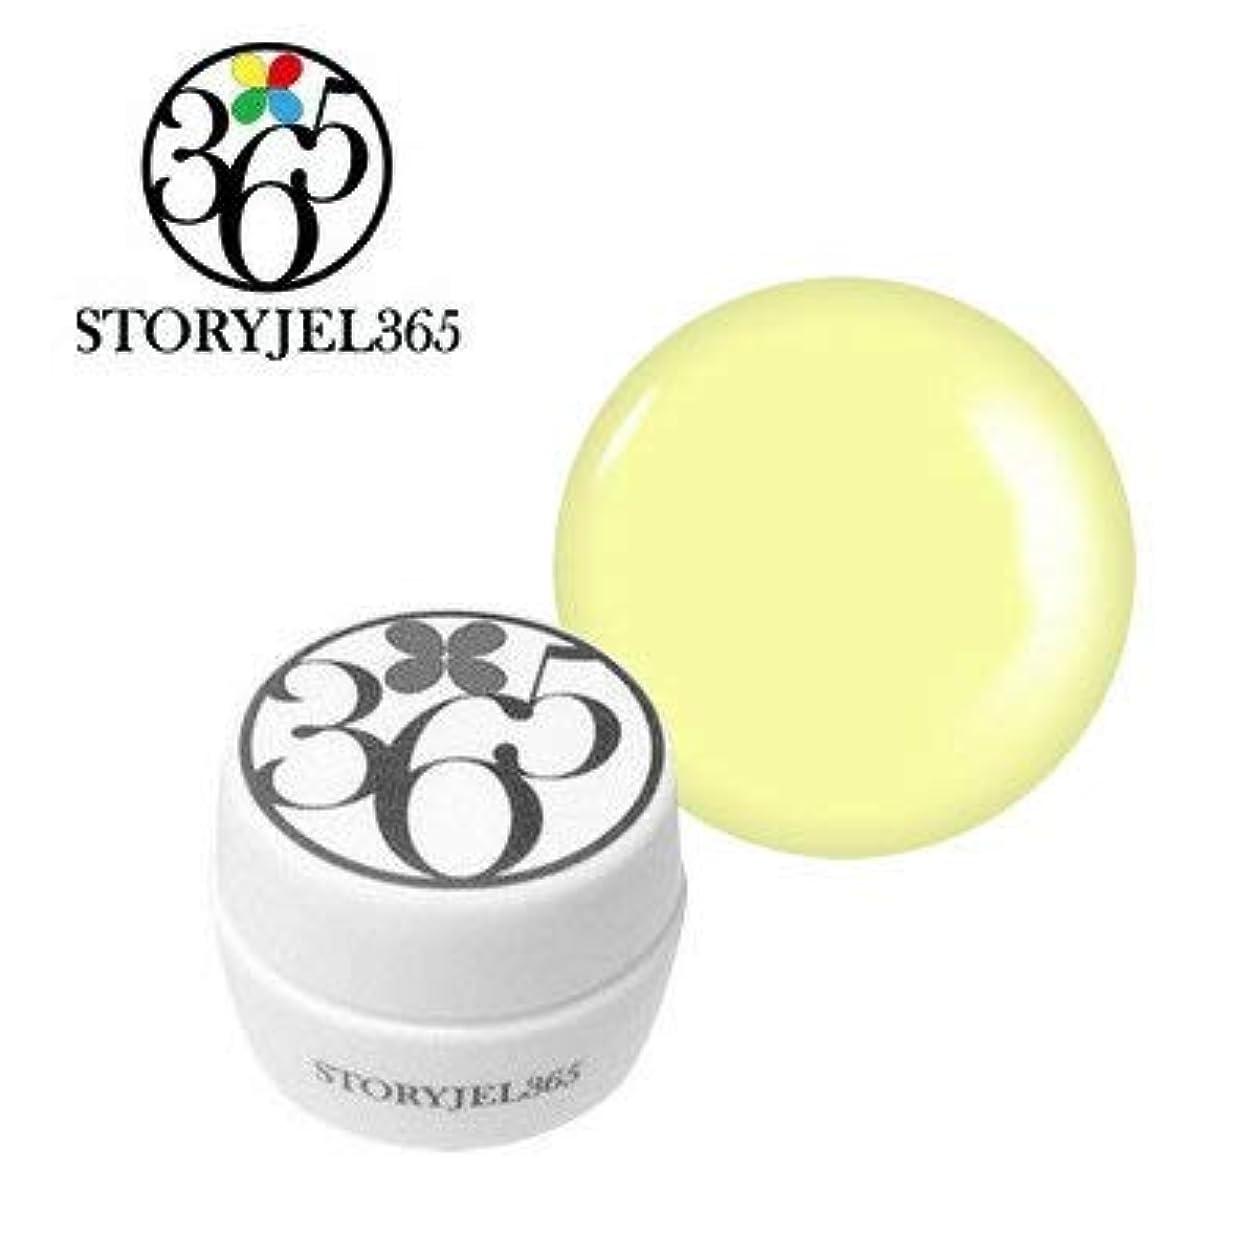 範囲準備ができて入札STORYJEL365 カラージェル 5g (ストーリージェル) SJS-303M-D シトロンクリーム